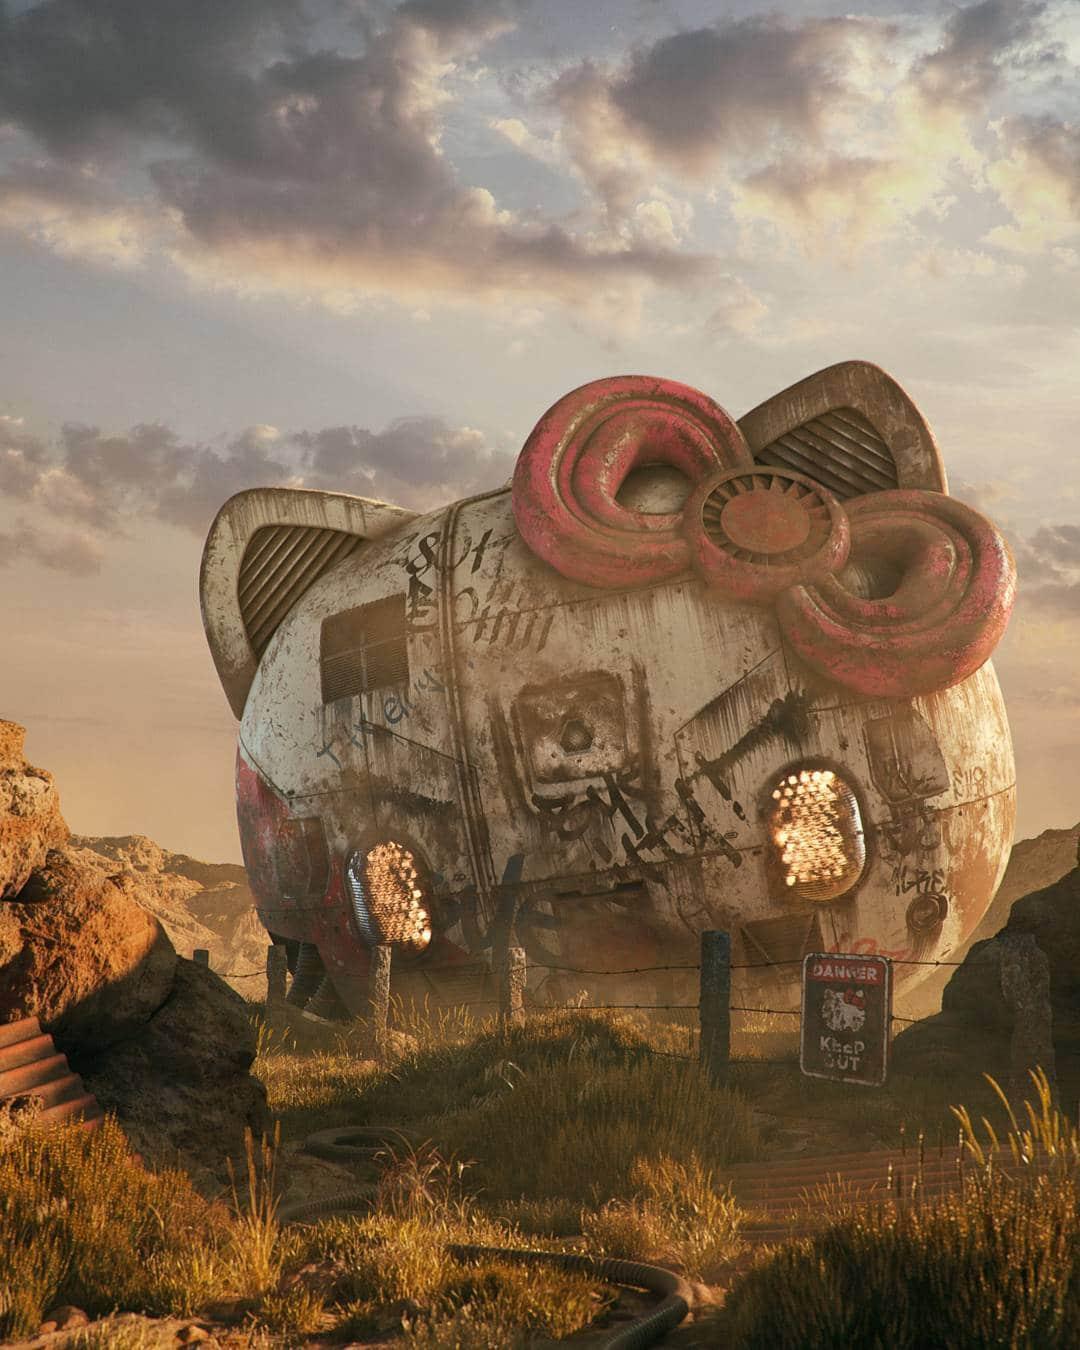 arte digital futuro distopico